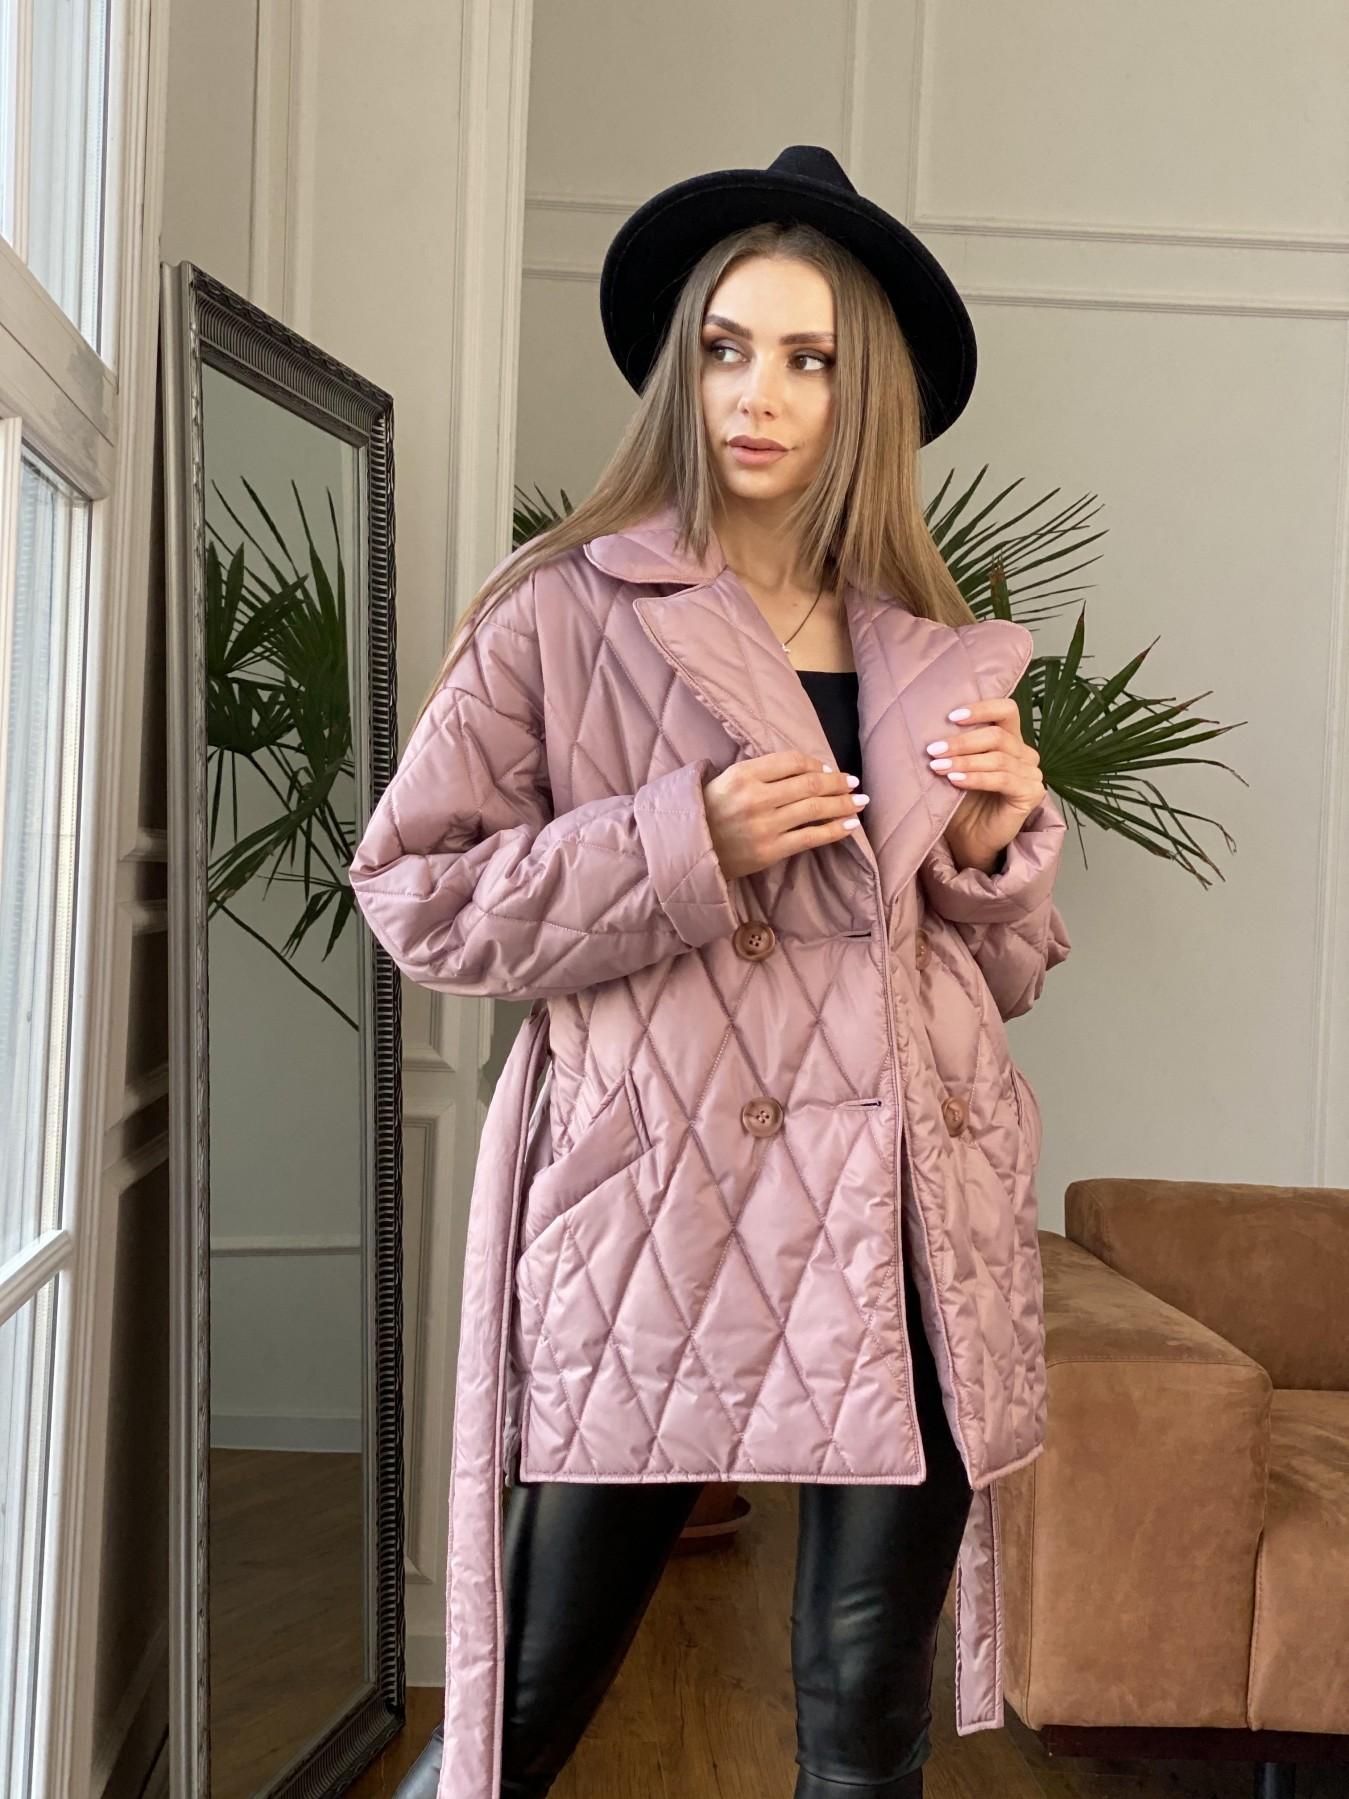 Норд куртка из плащевой ткани стеганая 10883 АРТ. 47465 Цвет: Пудра - фото 9, интернет магазин tm-modus.ru